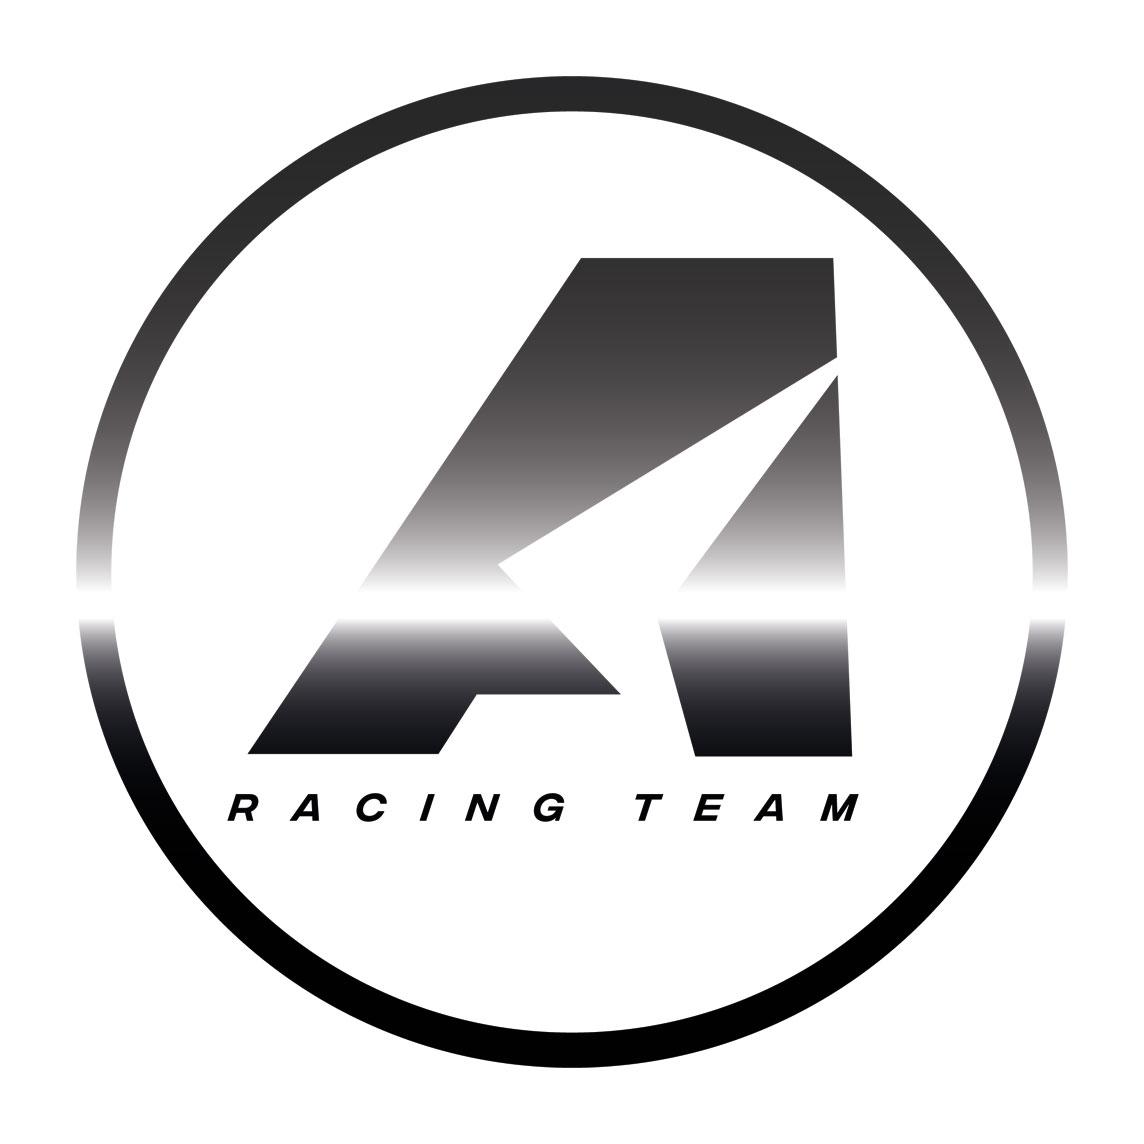 AARK RACING TEAM